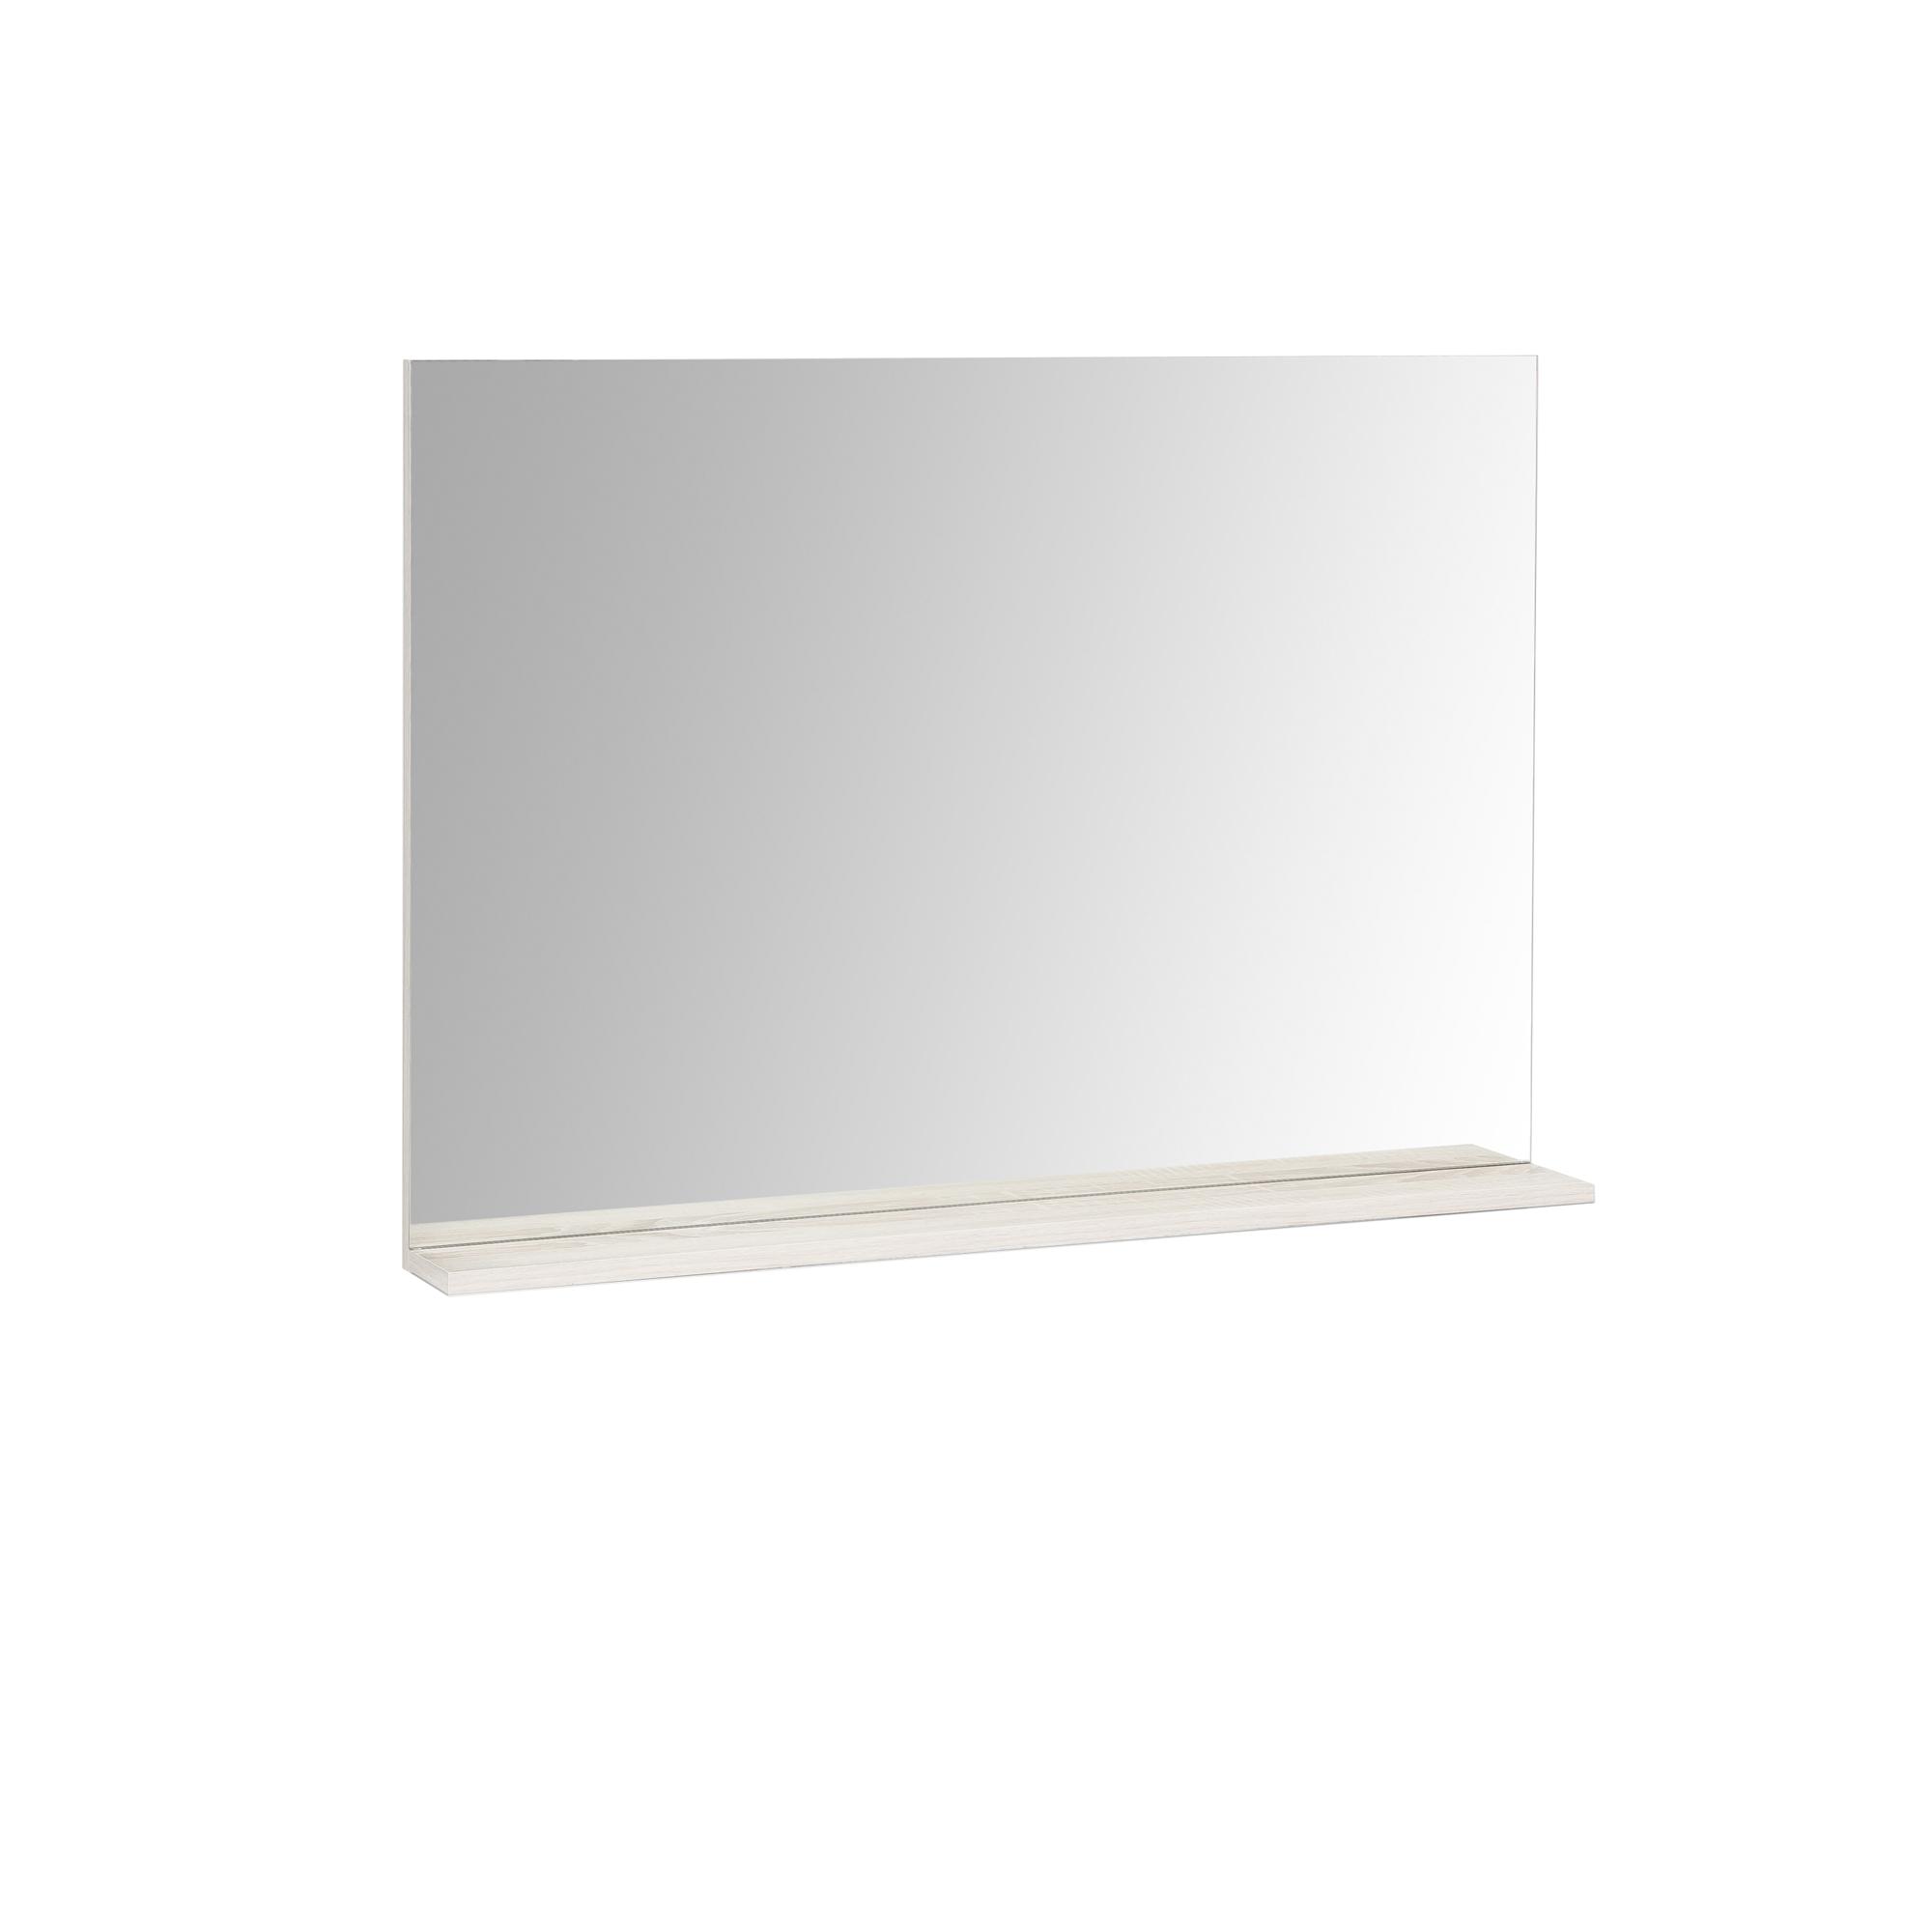 spiegel mia mit ablage 85 cm breit eiche sonoma wohnen spiegel. Black Bedroom Furniture Sets. Home Design Ideas